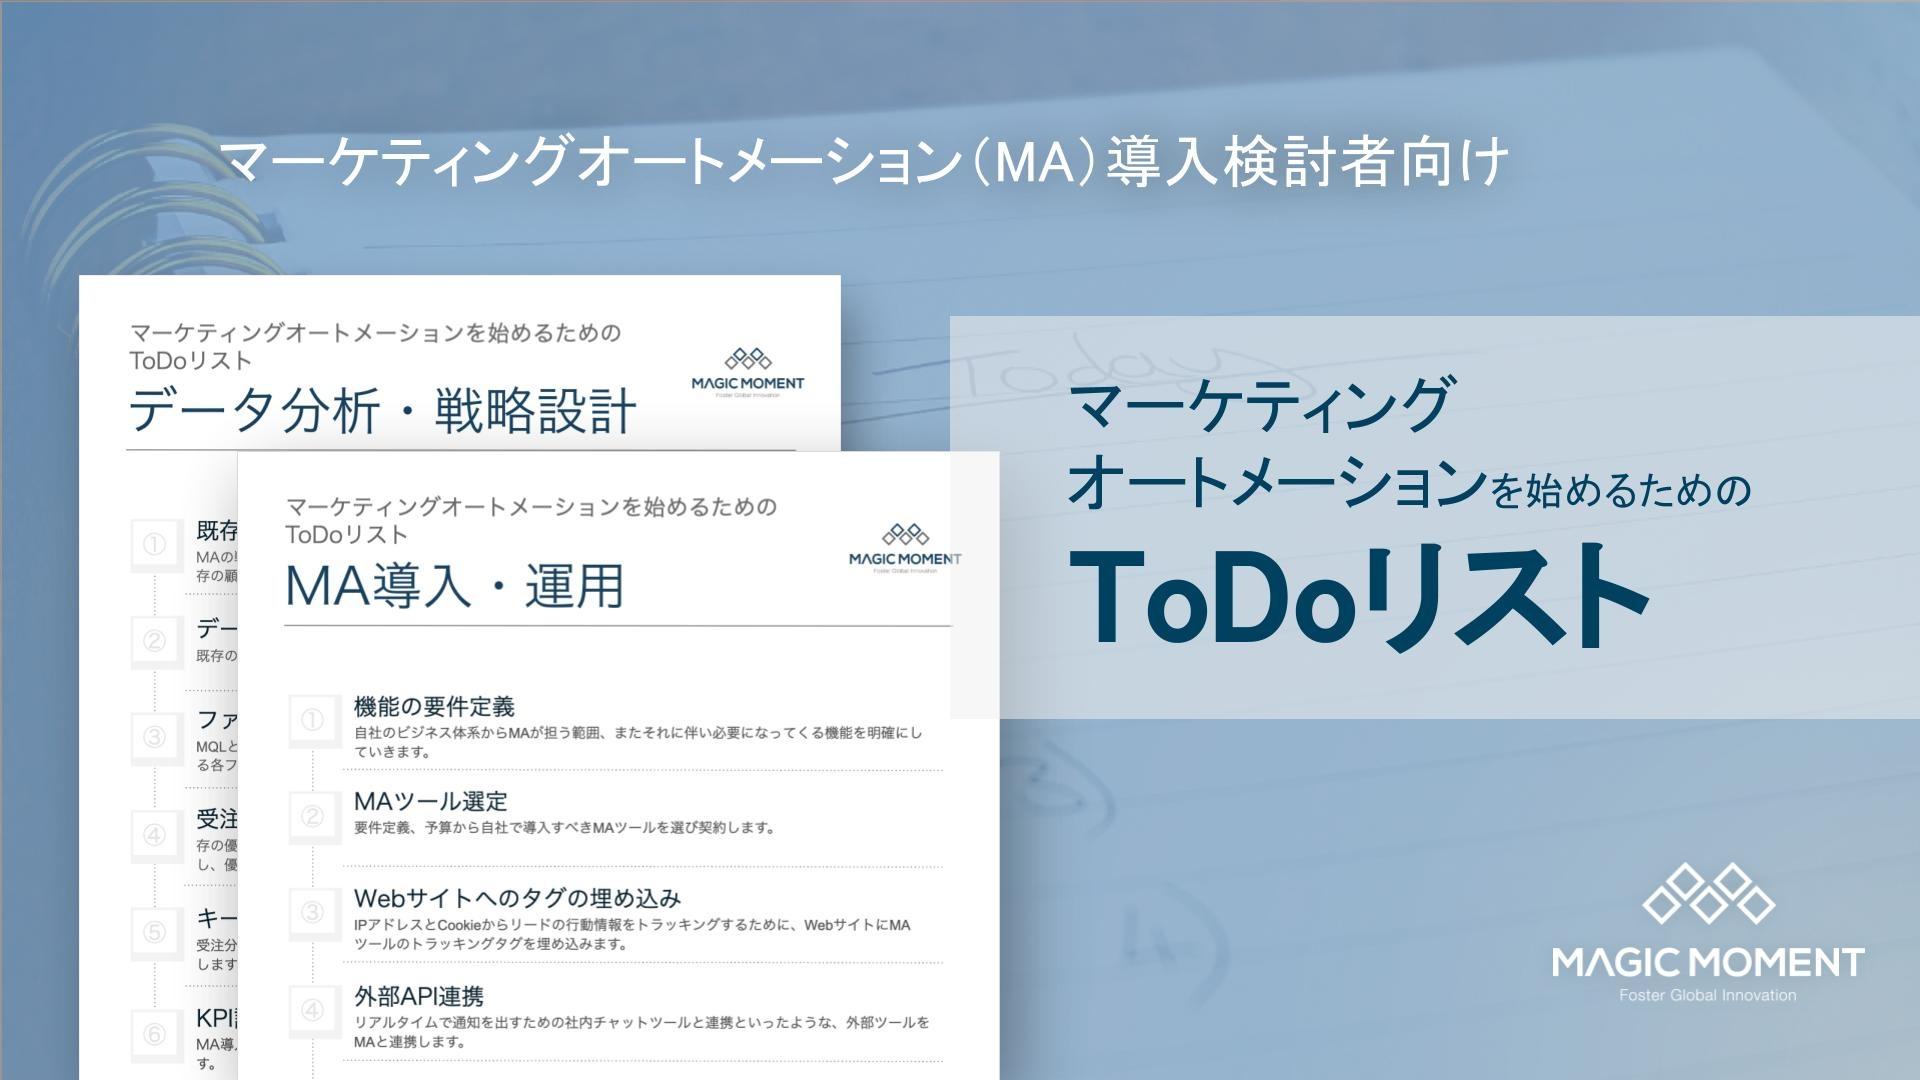 マーケティングオートメーションを始めるためのToDoリスト